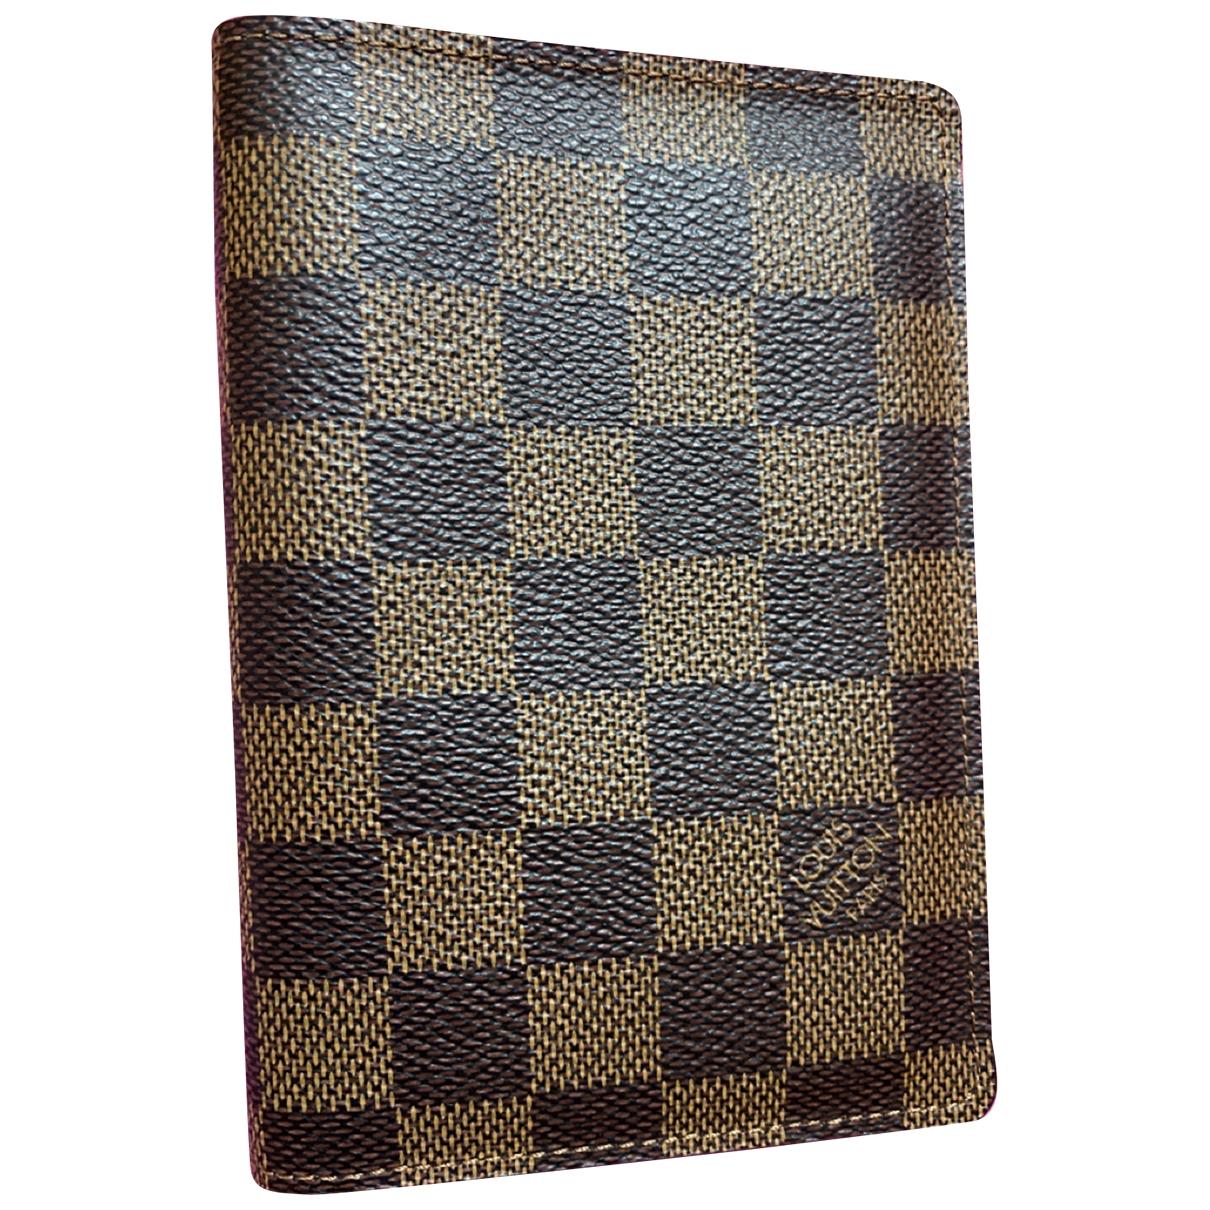 Louis Vuitton - Petite maroquinerie Passport cover pour femme en toile - marron